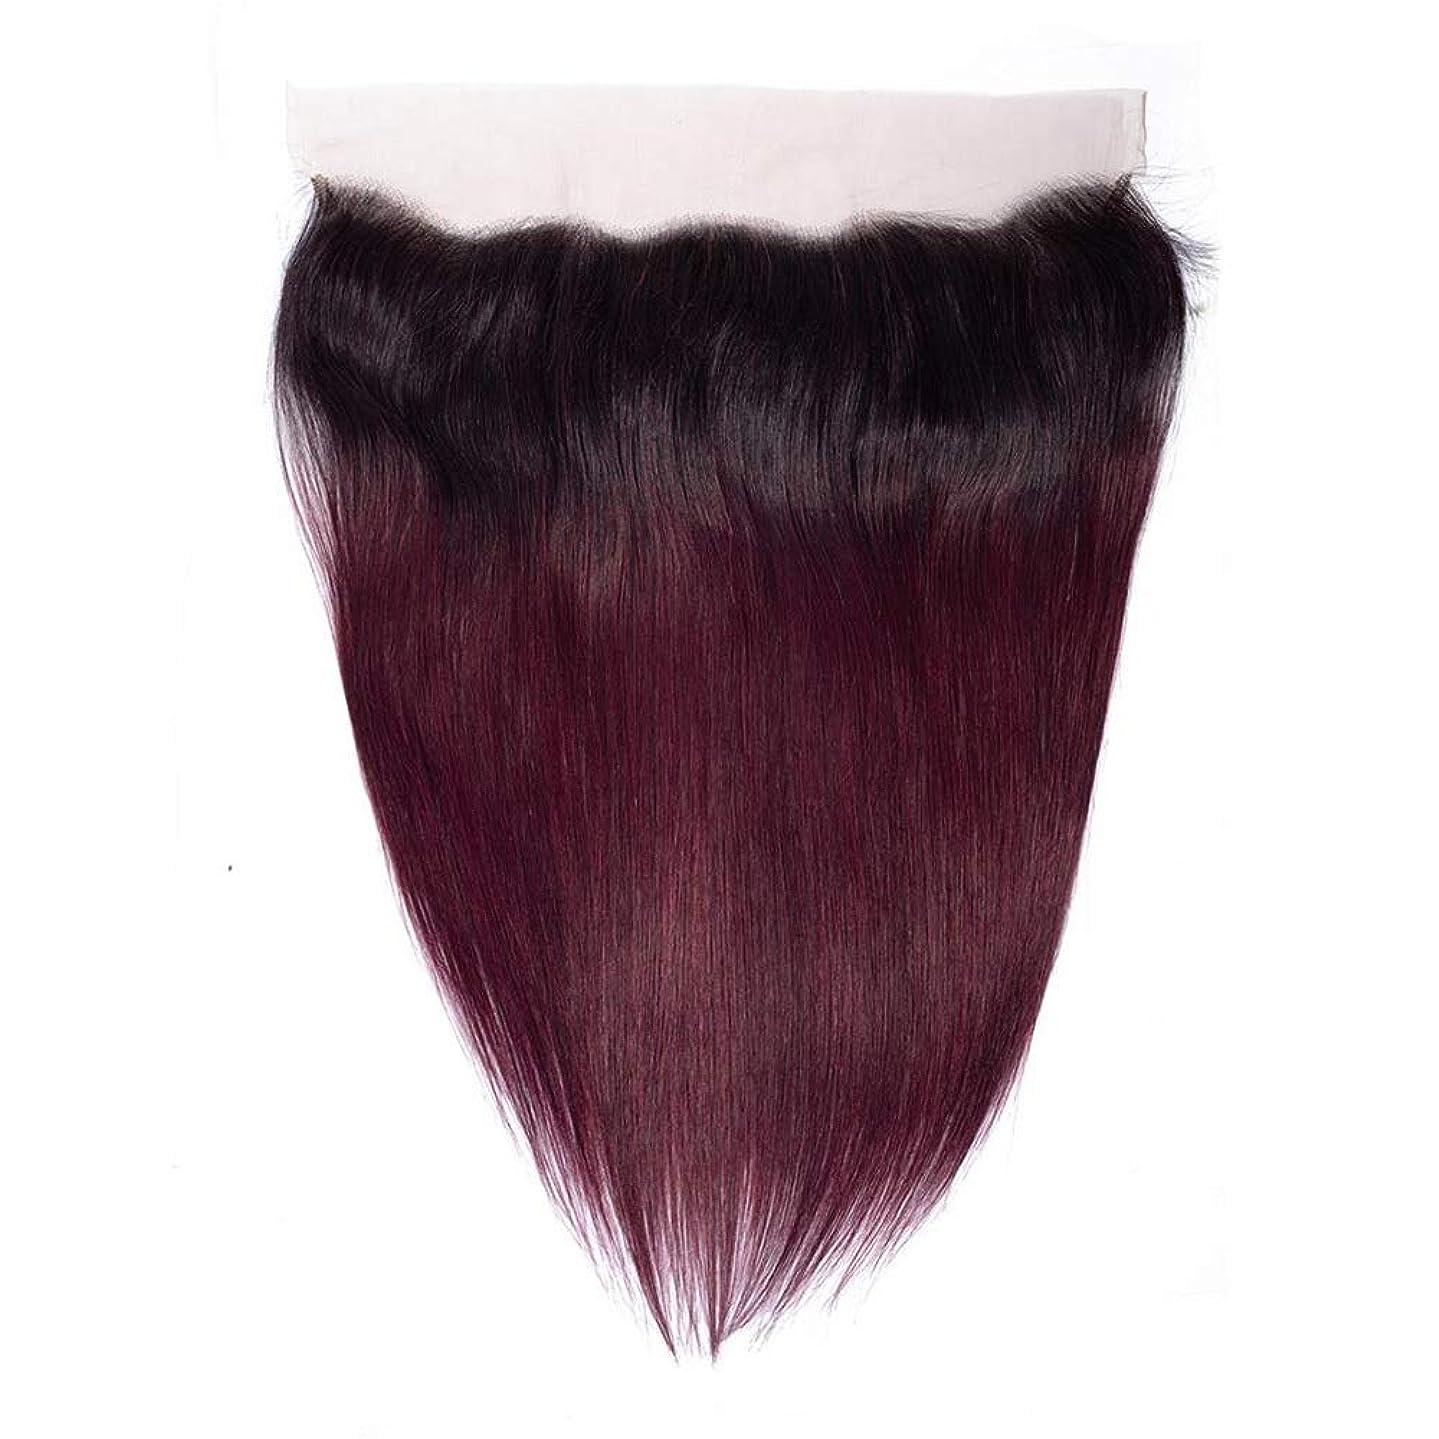 援助する焦がすバランスのとれたYESONEEP 13×4ディープフリーパートストレートレース閉鎖ブラジル人間の髪の毛の閉鎖1B / 99J 2トーンナチュラル探して短いかつらかつら (色 : ワインレッド, サイズ : 12 inch)